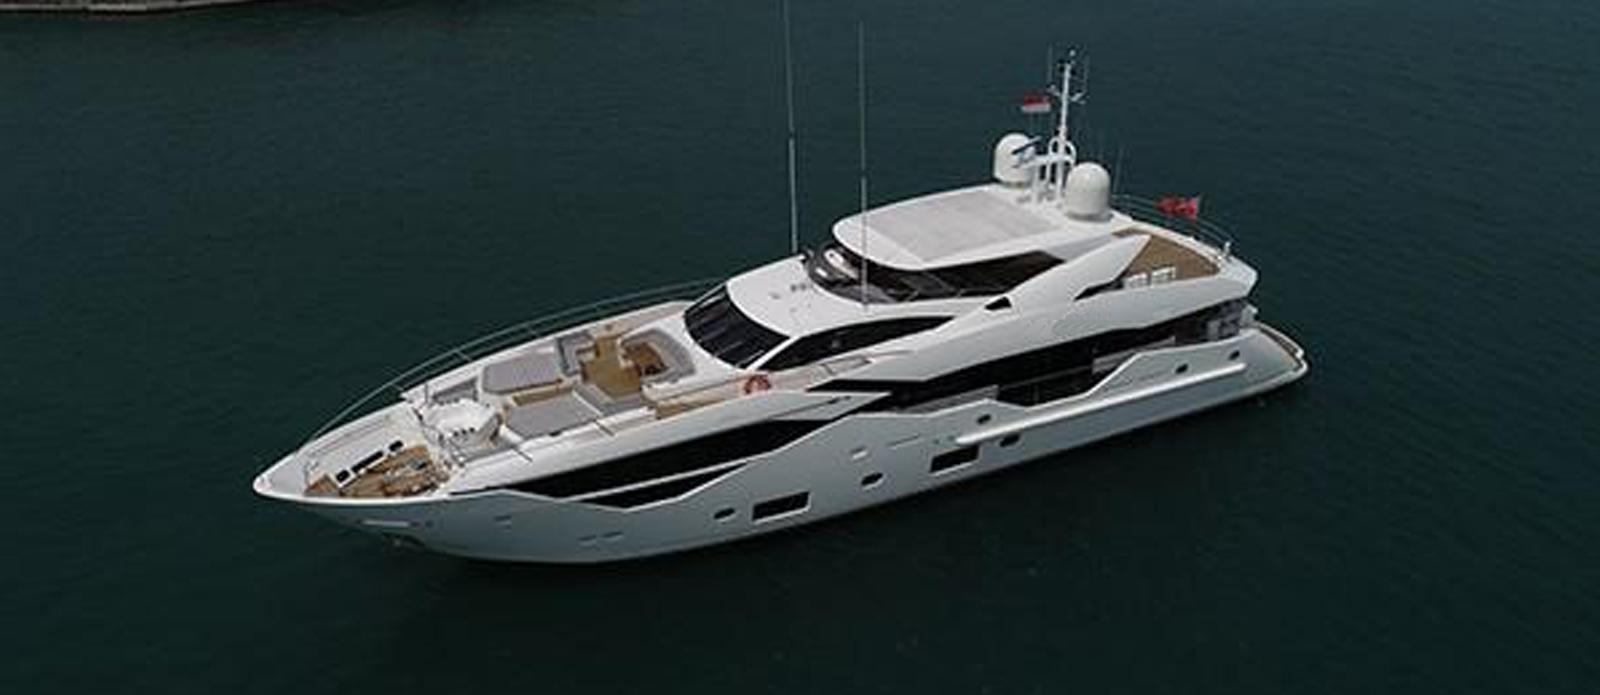 Sunseeker-116-Sport-Yacht-Priceless-3